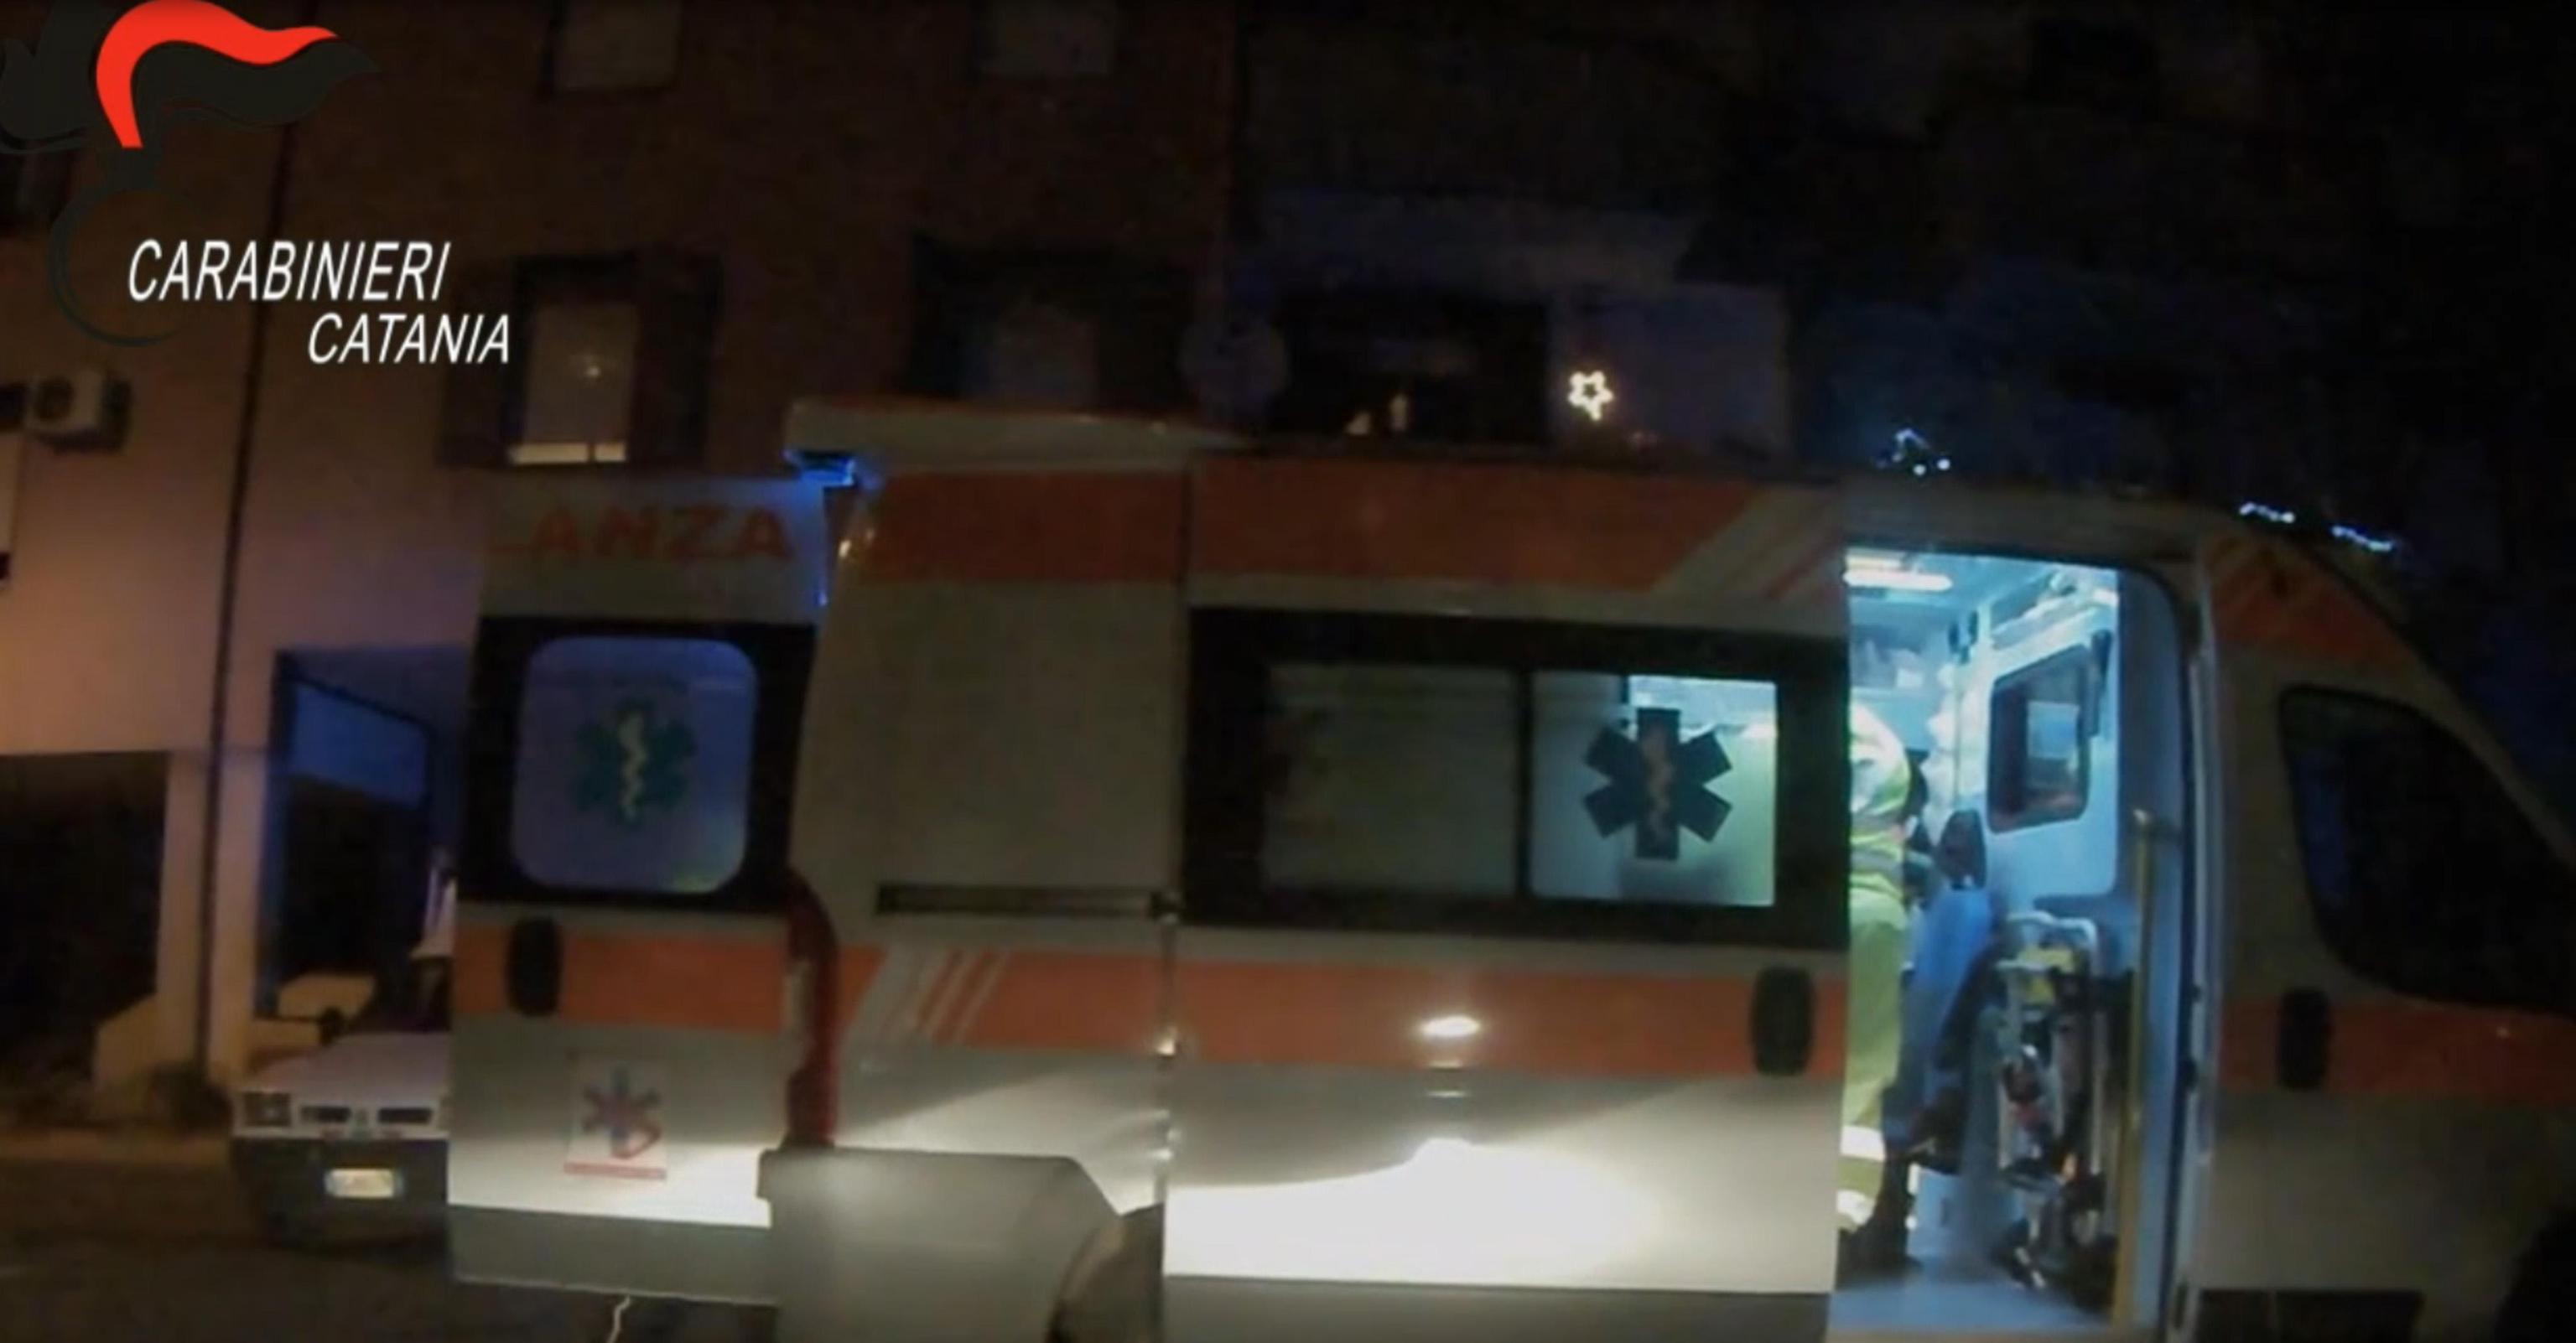 Catania: anziani uccisi in ambulanza per favorire la mafia dei funerali